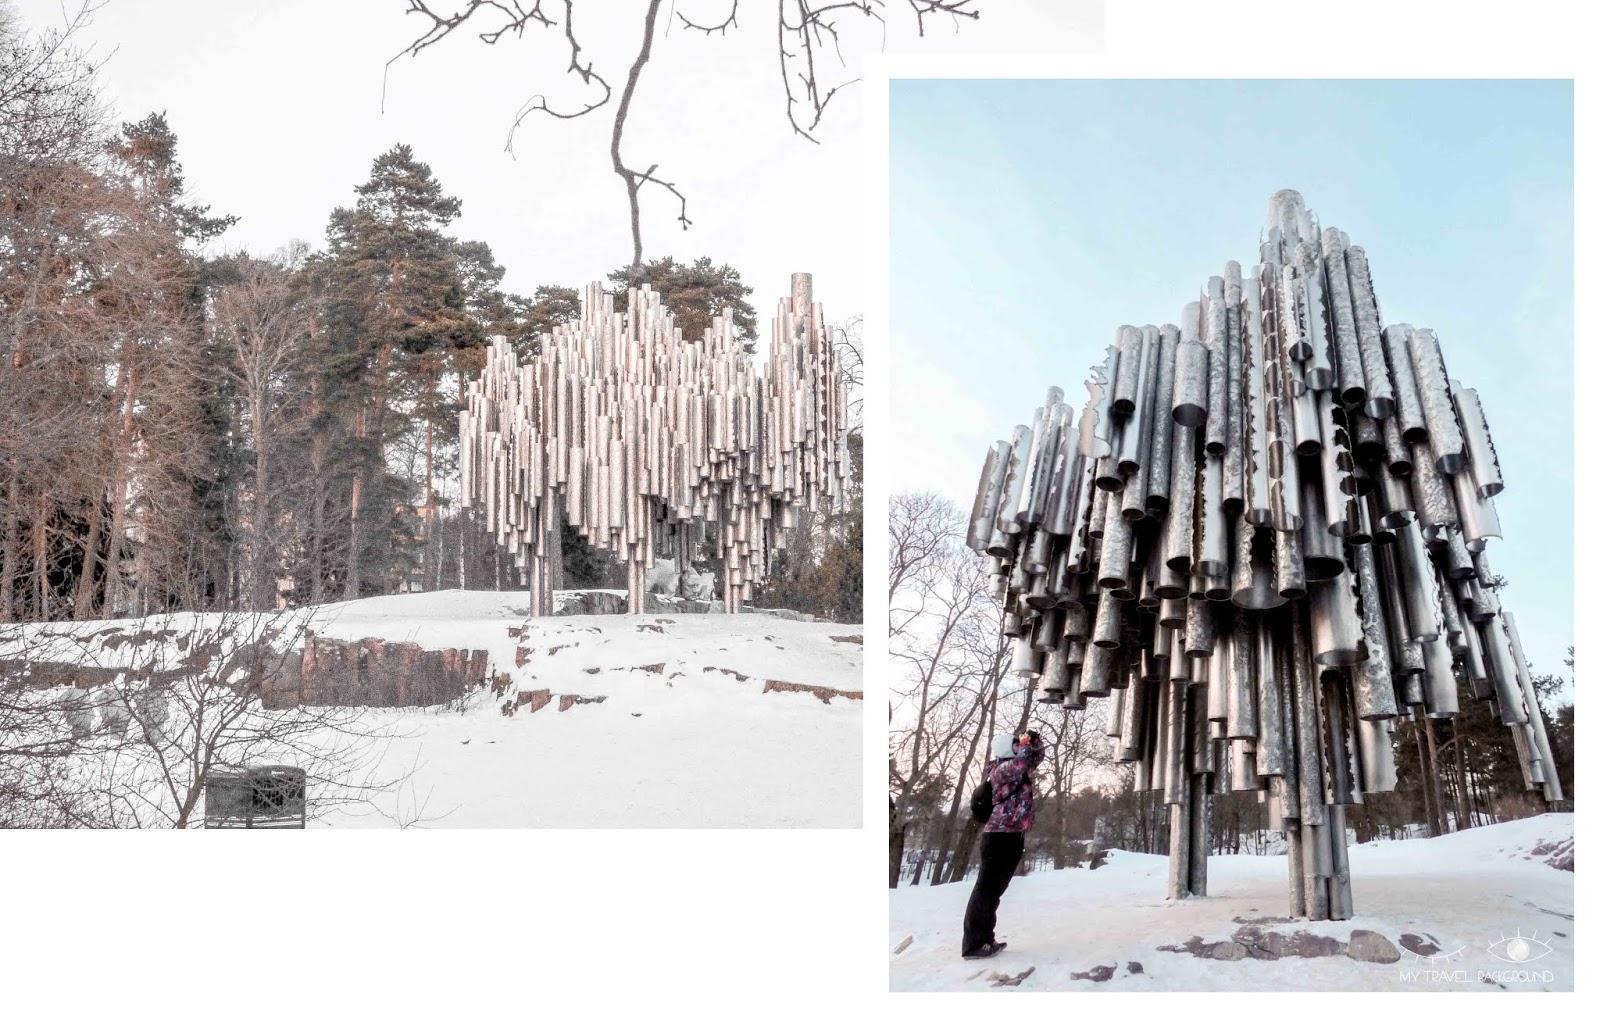 My Travel Background : 2 jours pour découvrir Helsinki, la capitale de la Finlande - Monument et parc Sibelius